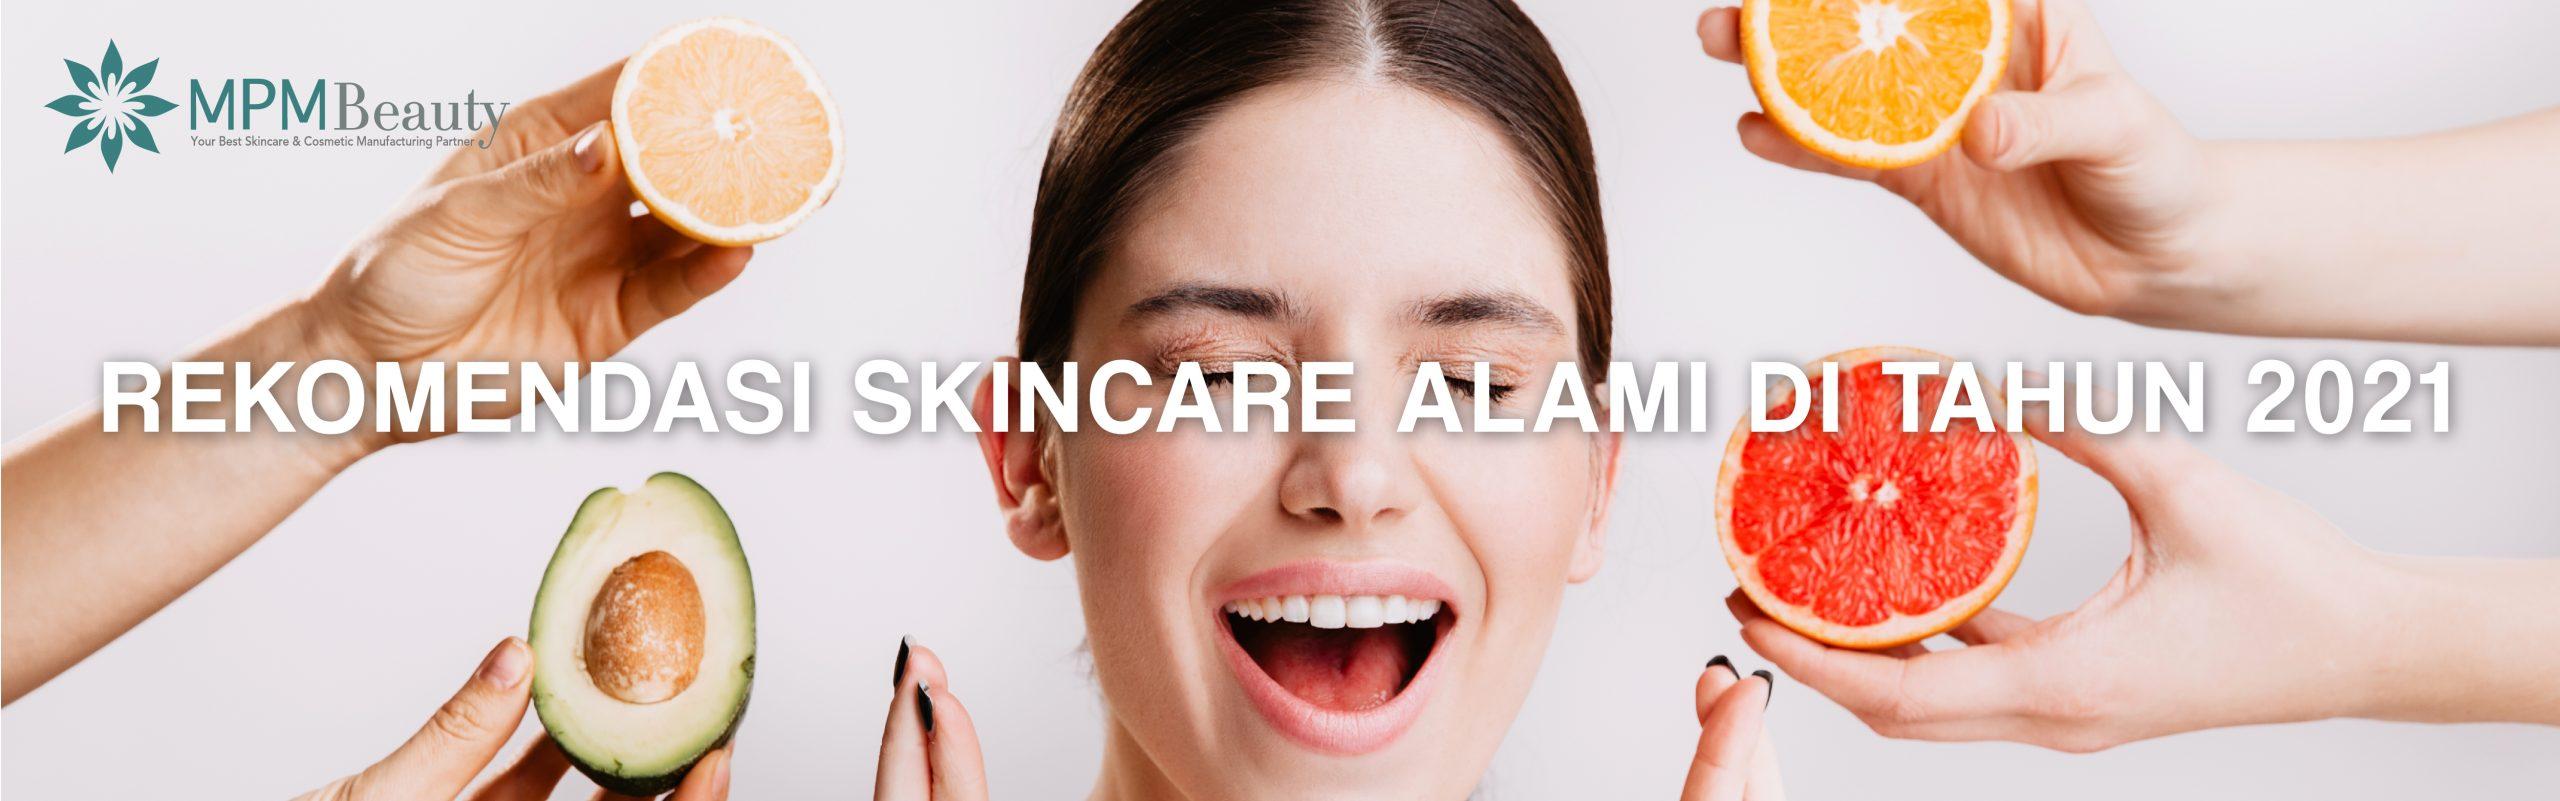 Rekomendasi Skincare Alami di Tahun 2021